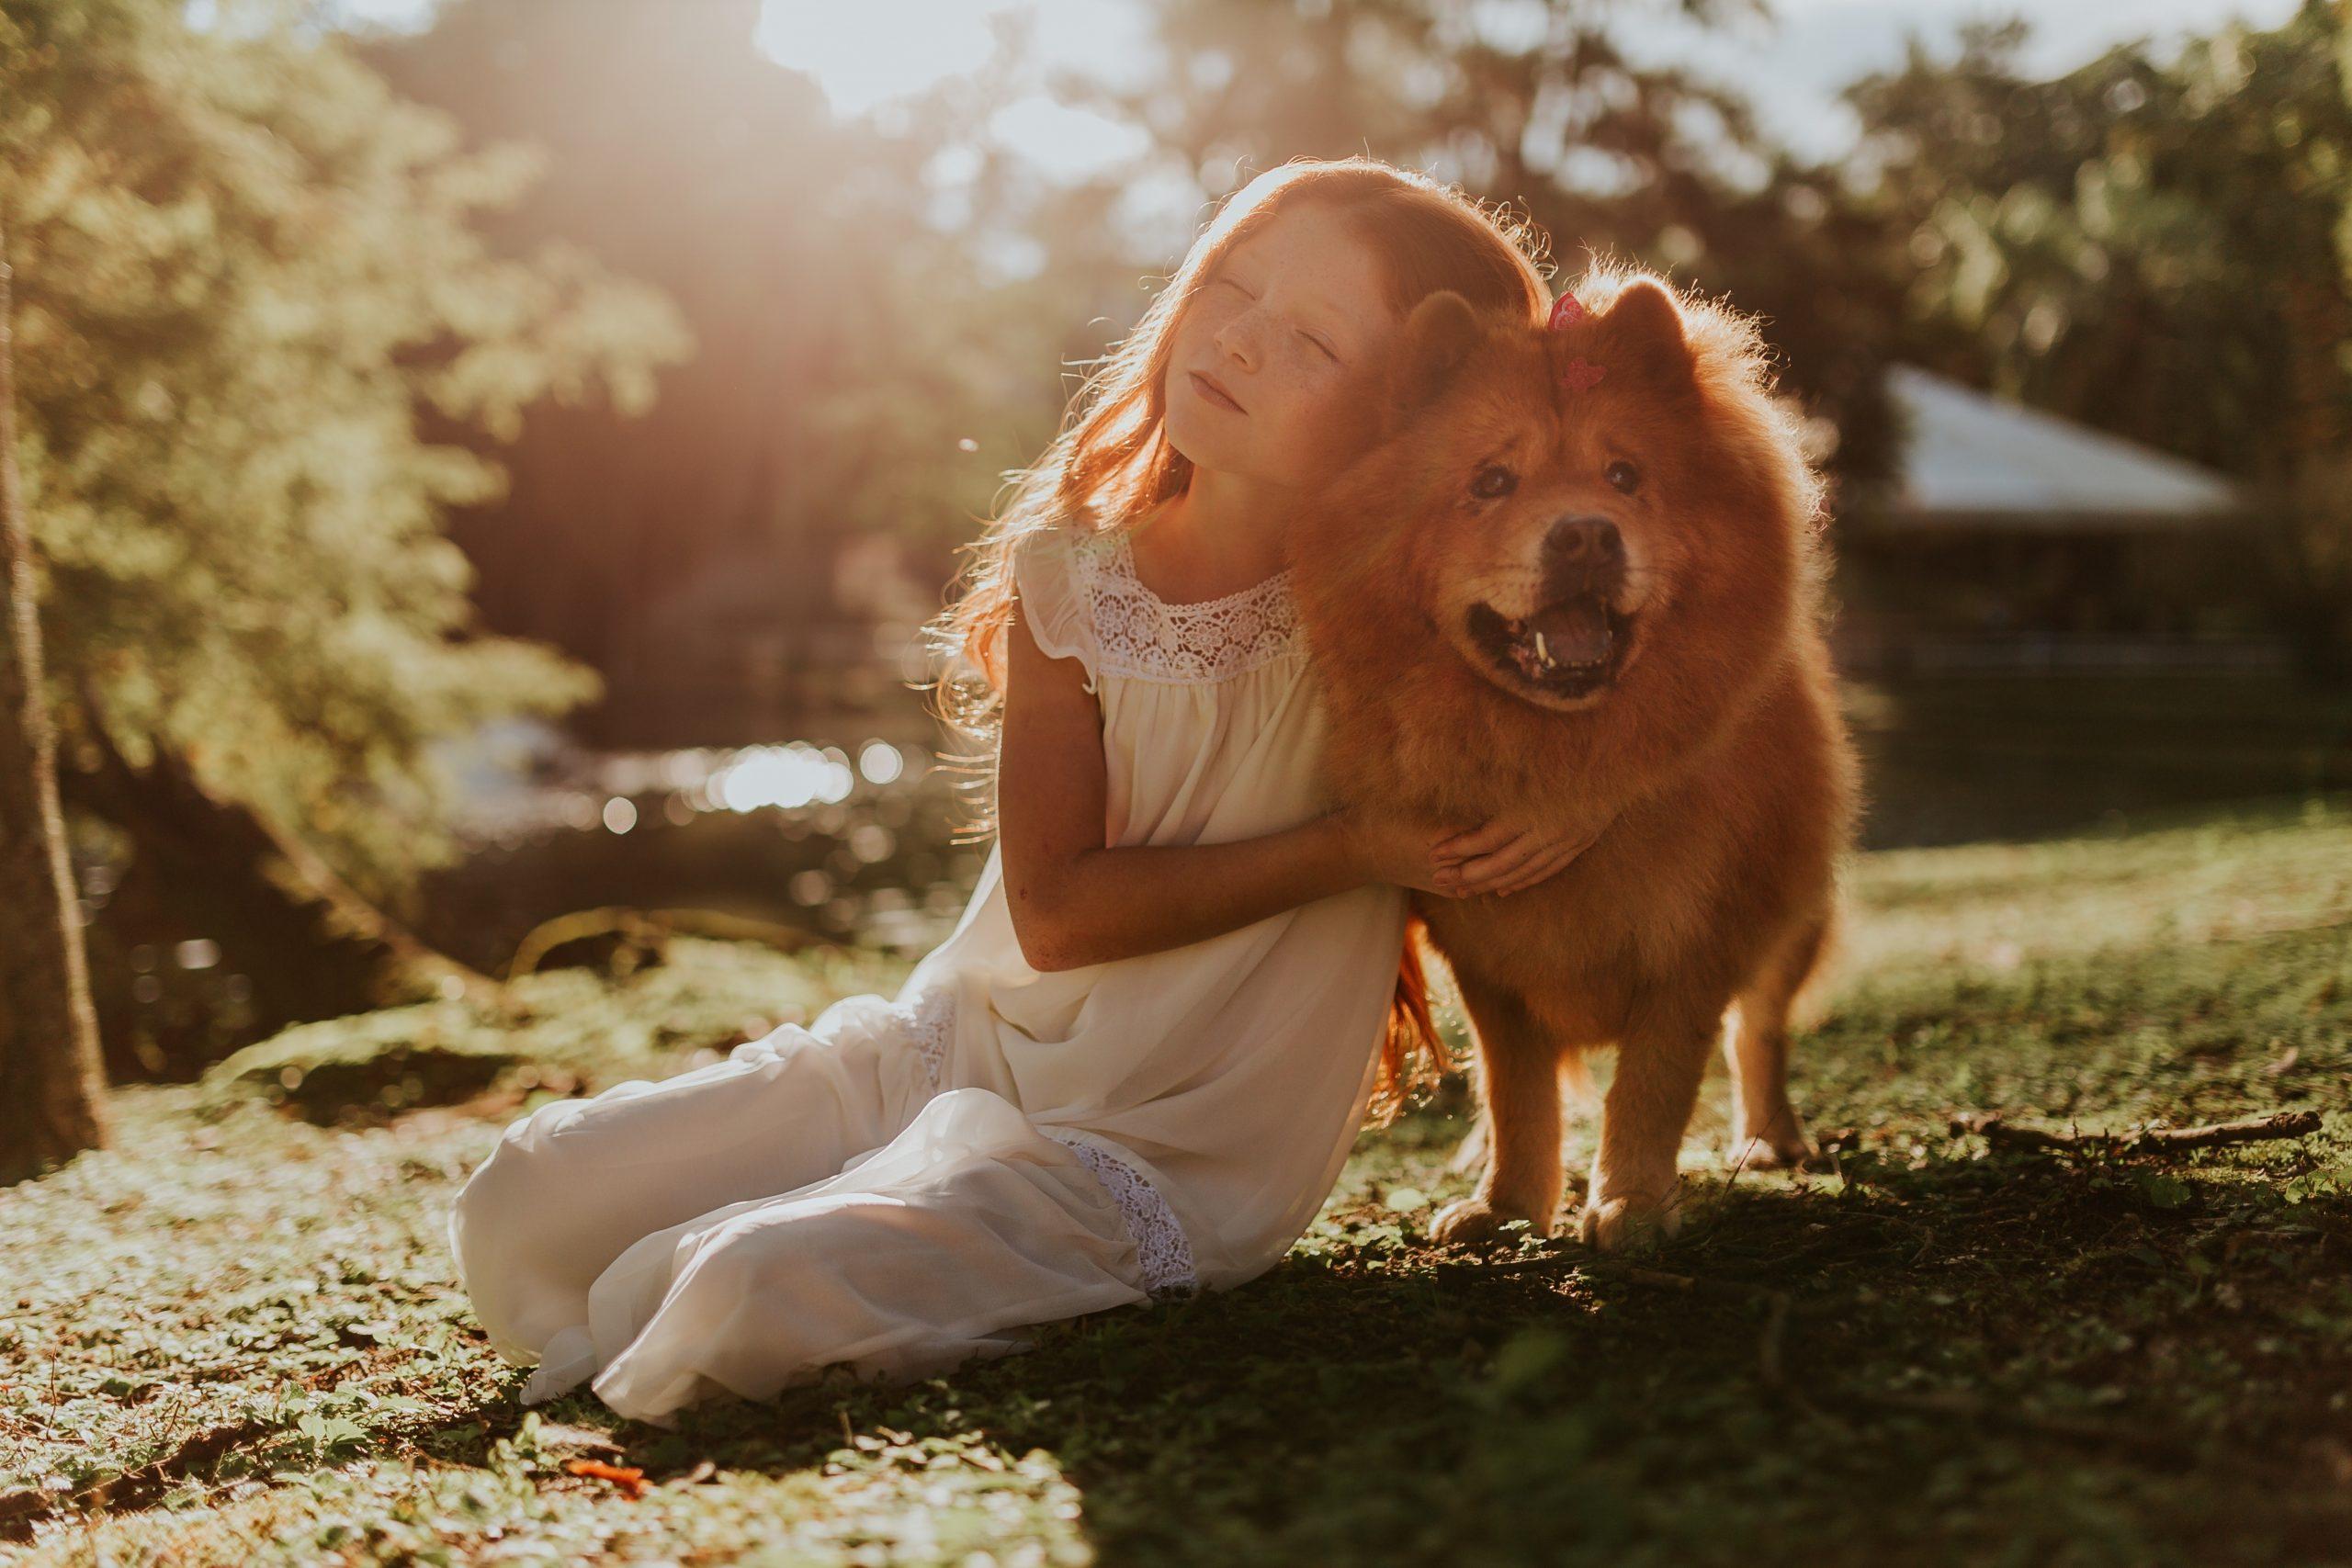 convivência entre cachorros e crianças